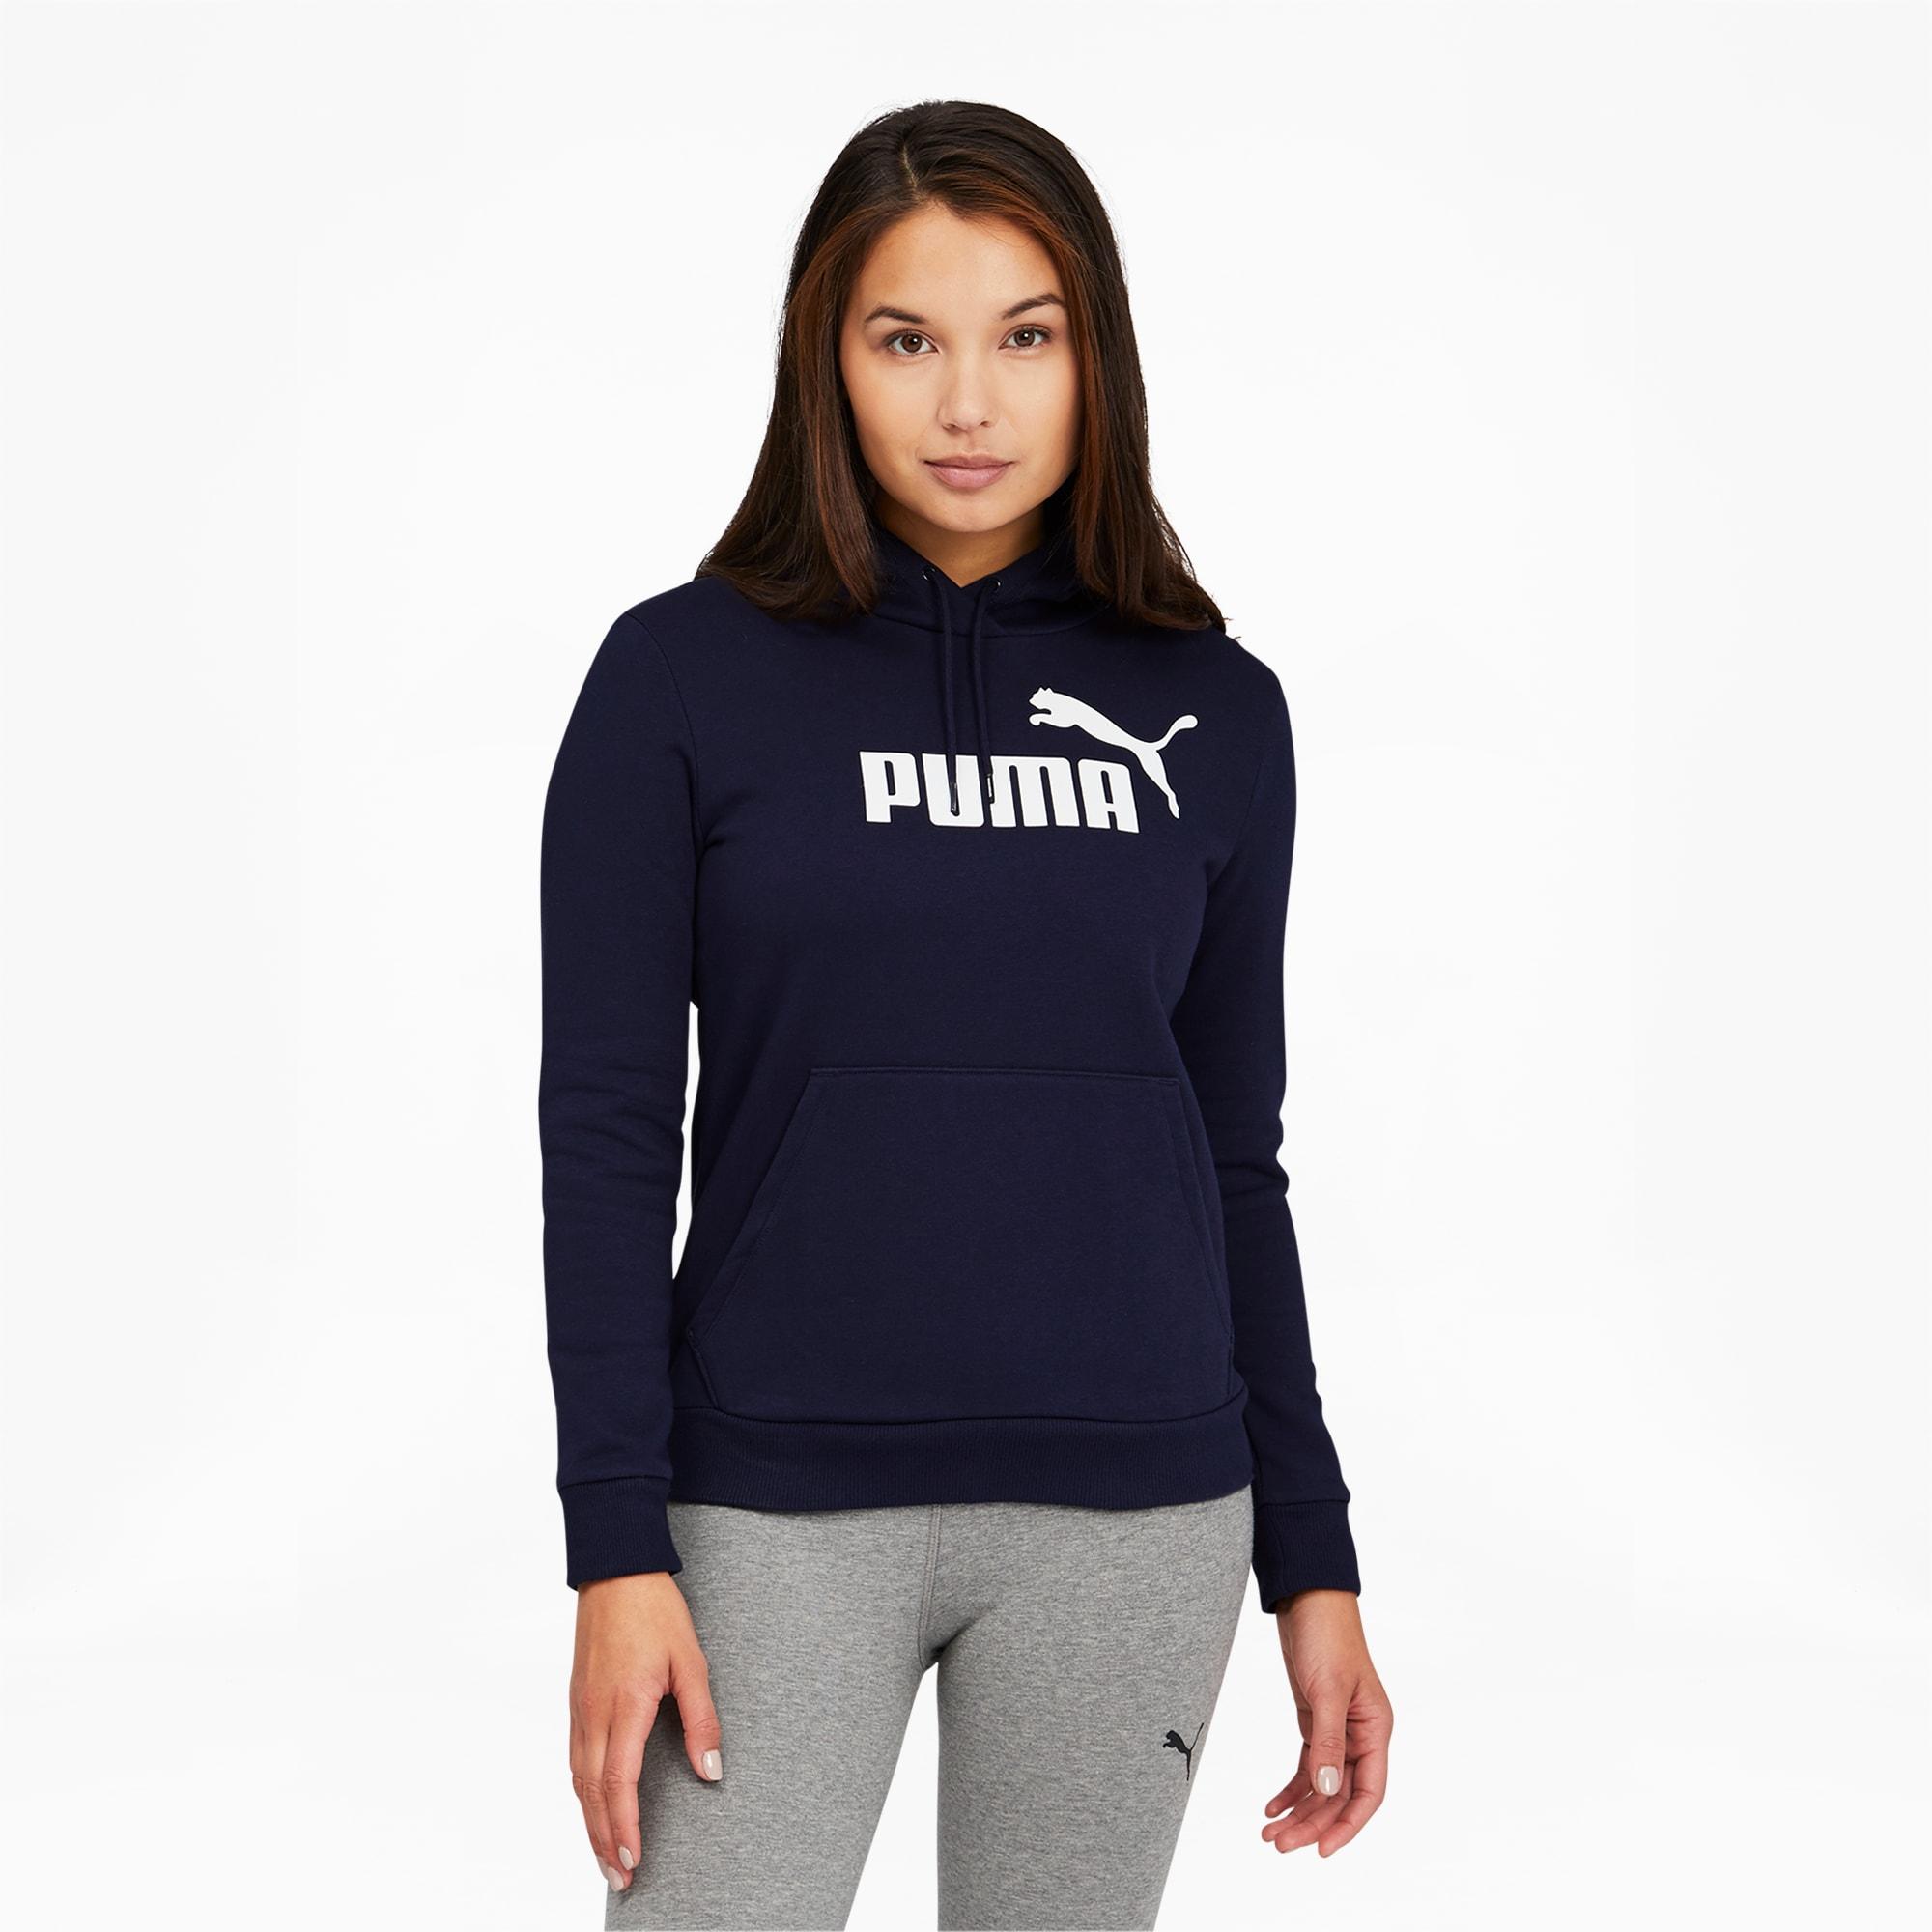 PUMA:  Essentials Women's Logo Hoodie $19.99